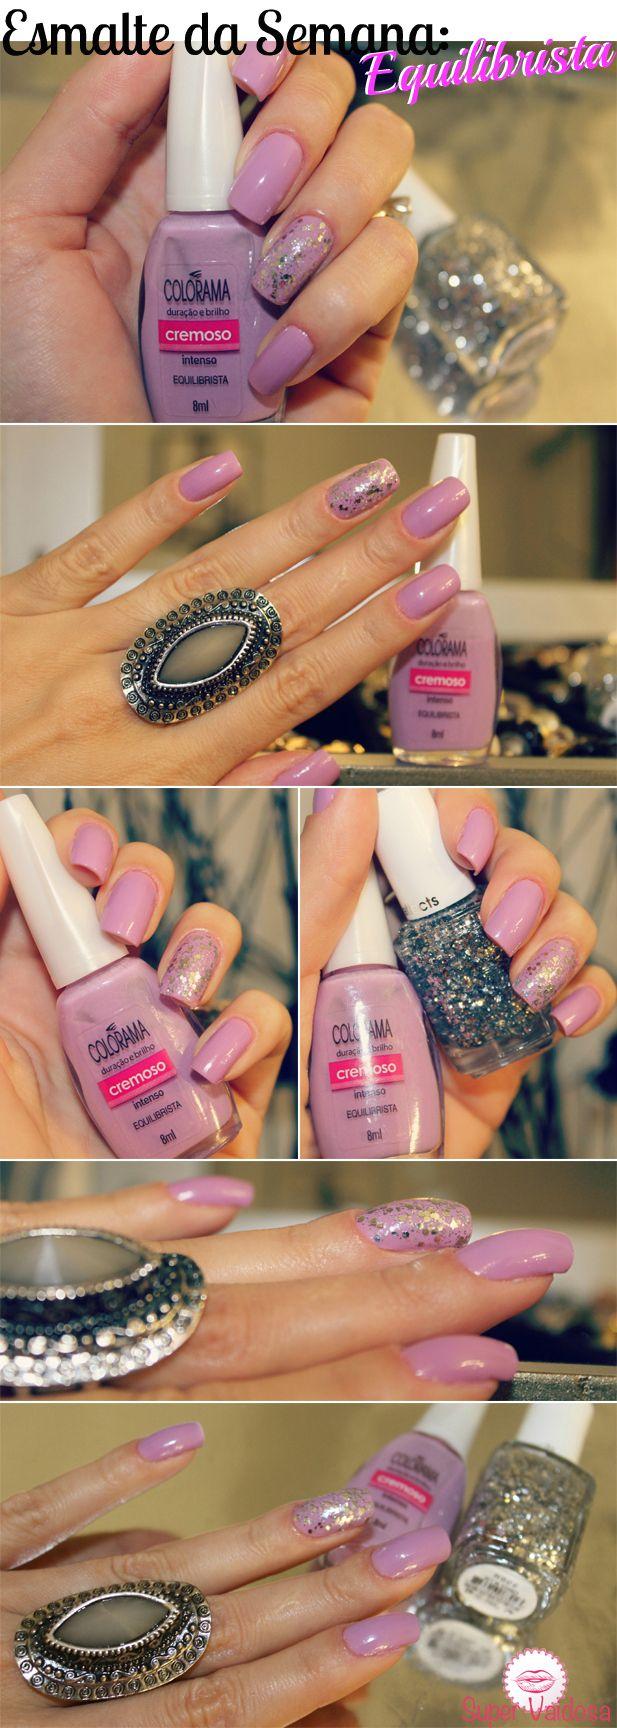 Esmalte lilás com detalhe de glíter no dedo anelar by Camila Coelho